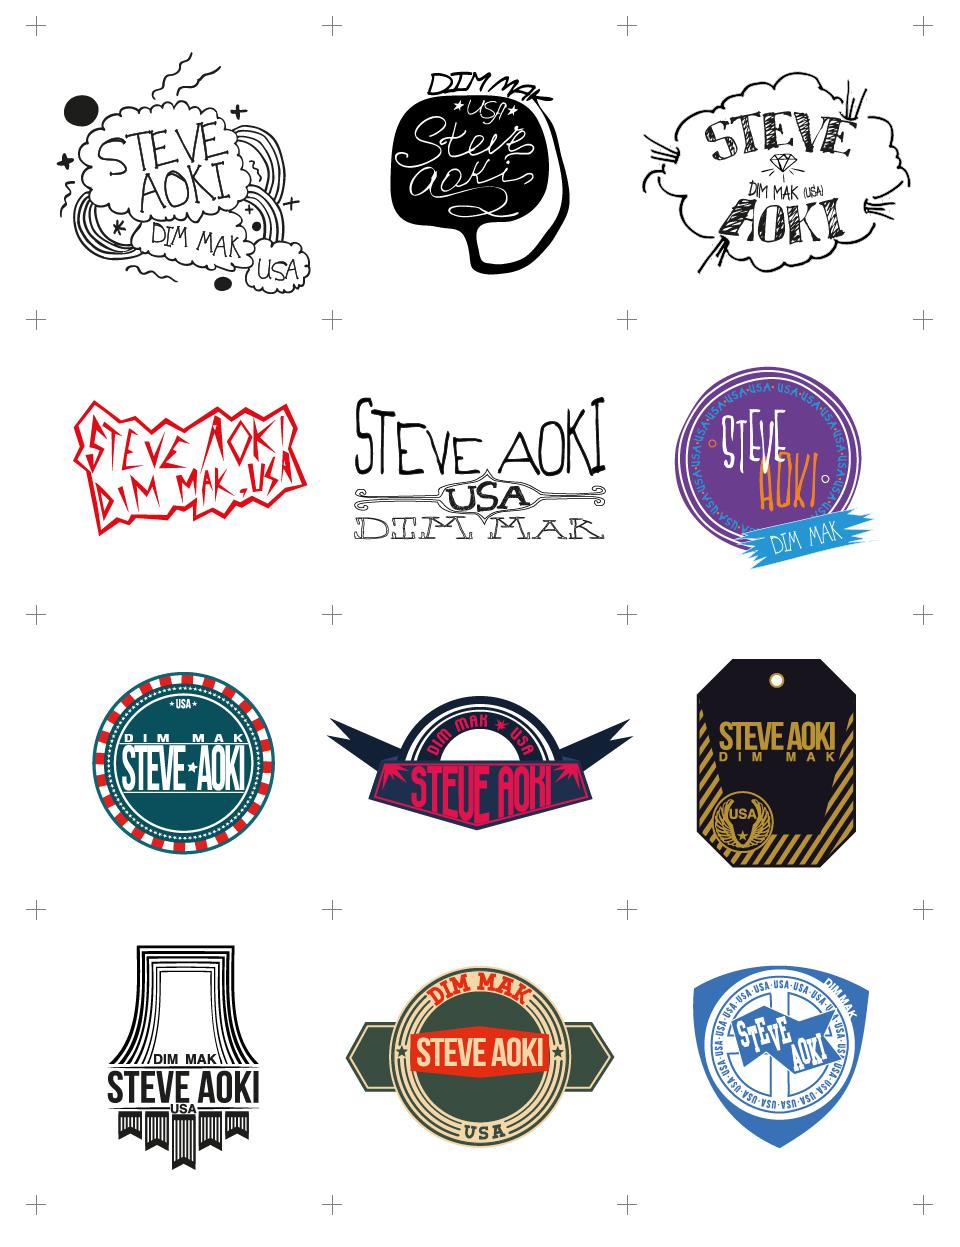 steve-aoki-logos-950